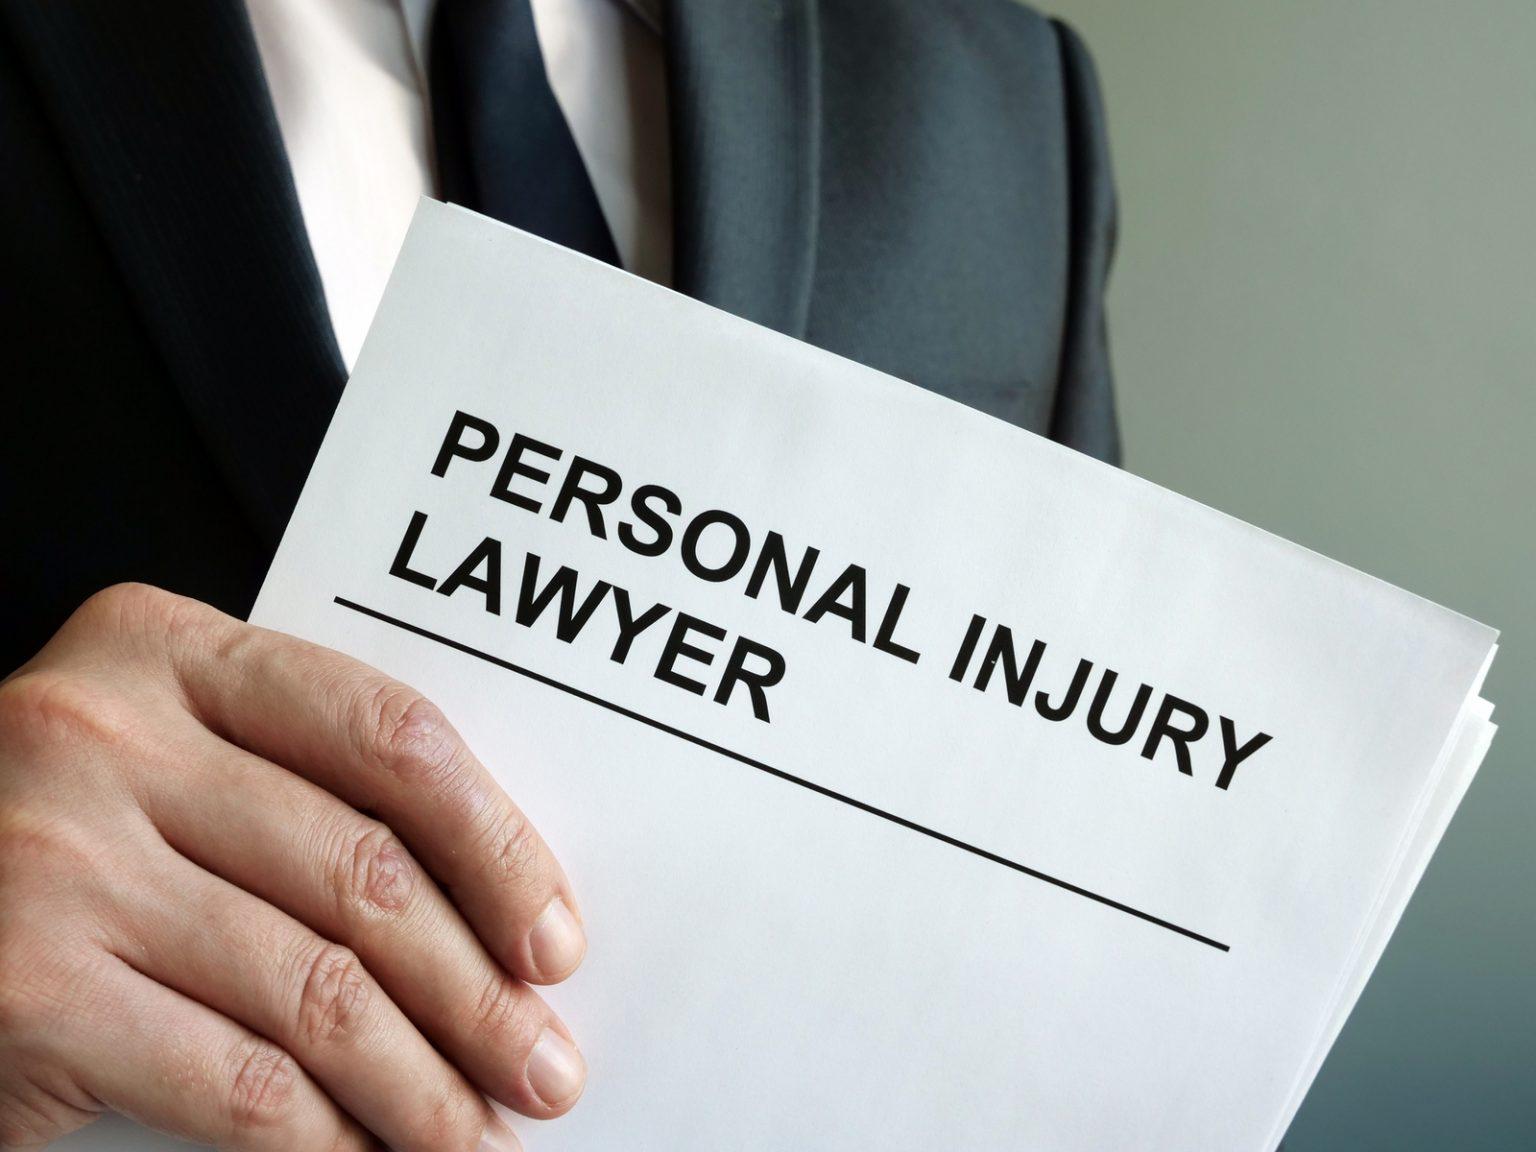 Busque a abogados con experiencia en asuntos legales, asistencia y representación legal en materia civil; Aspectos básicos: Â¿qué hace un abogado de lesiones